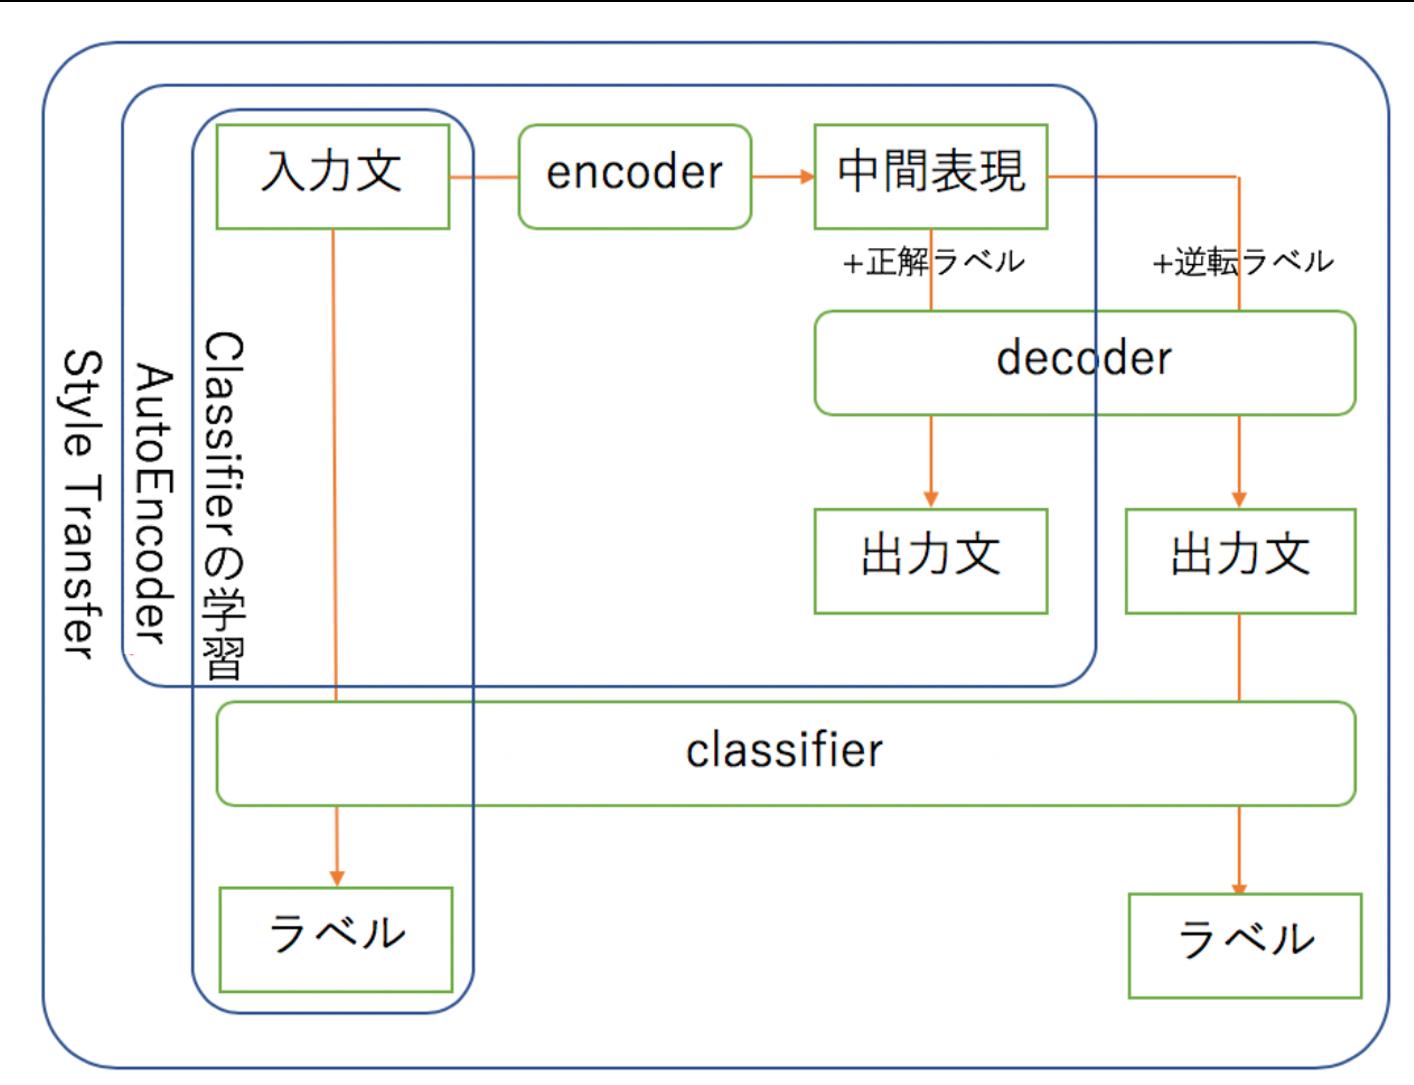 モデルの構造